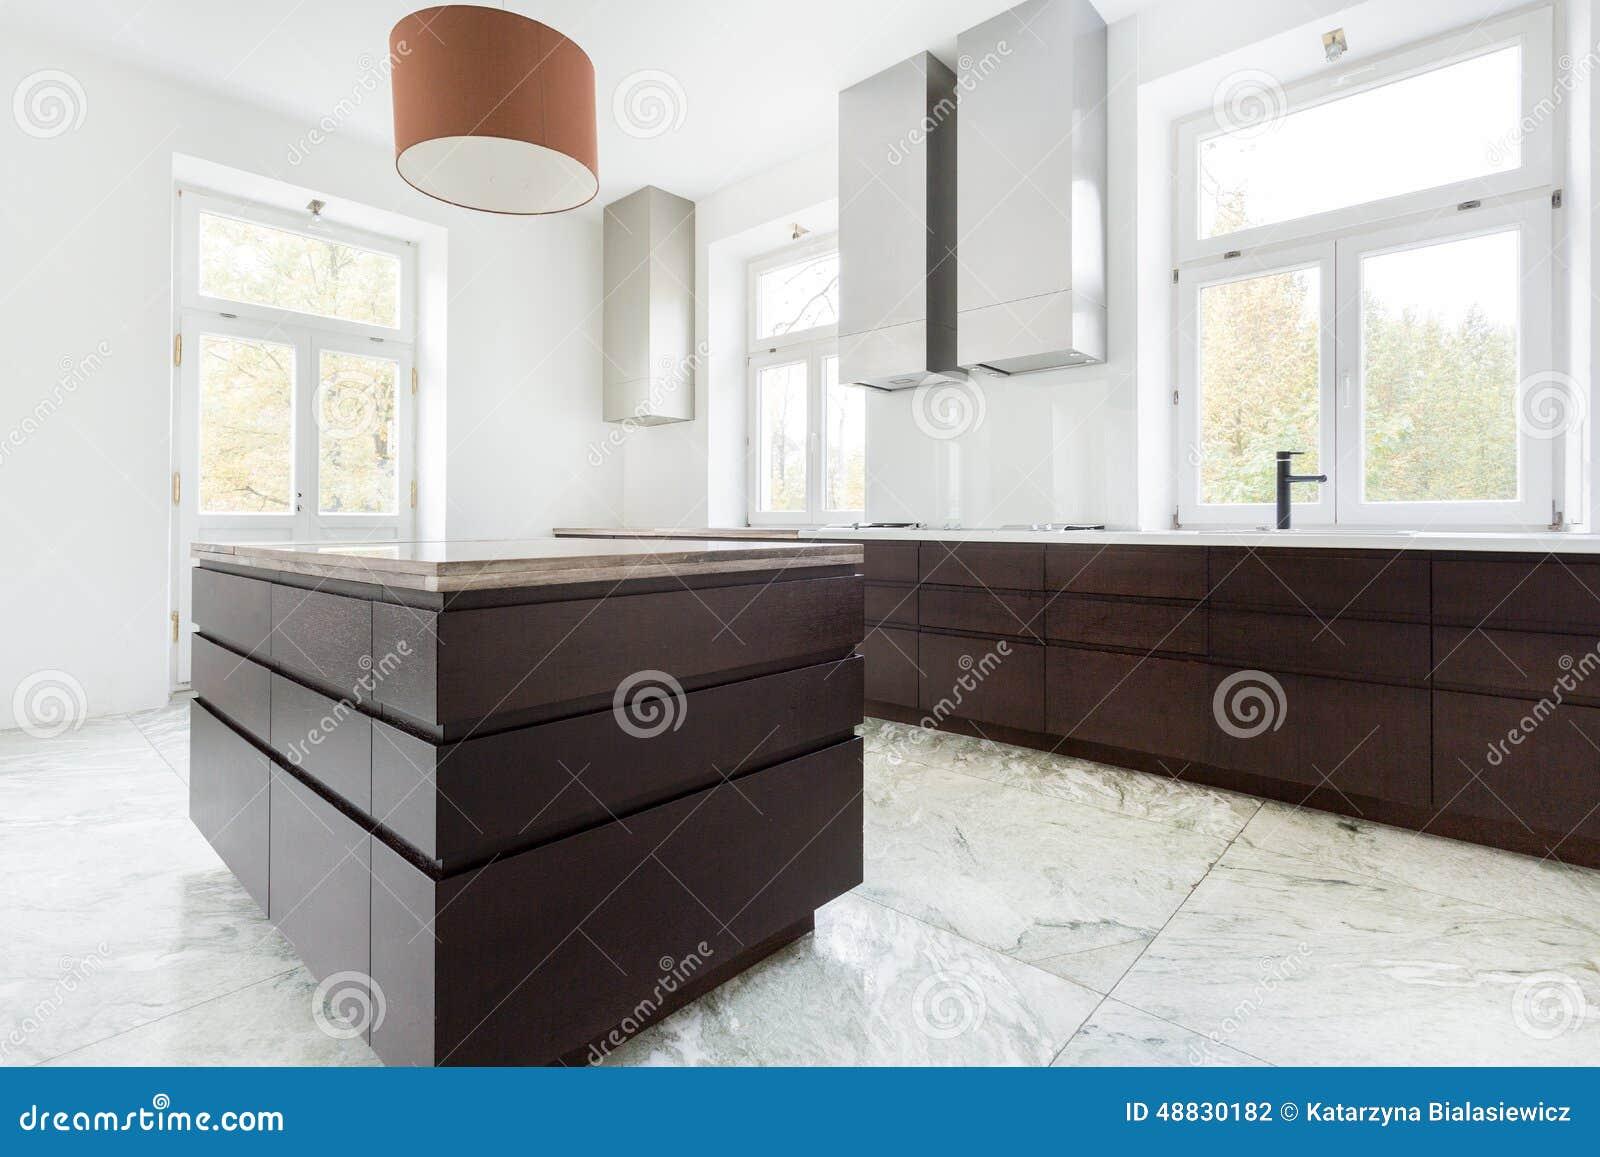 Moderne Keuken Donker : Donker meubilair in moderne keuken stock foto afbeelding